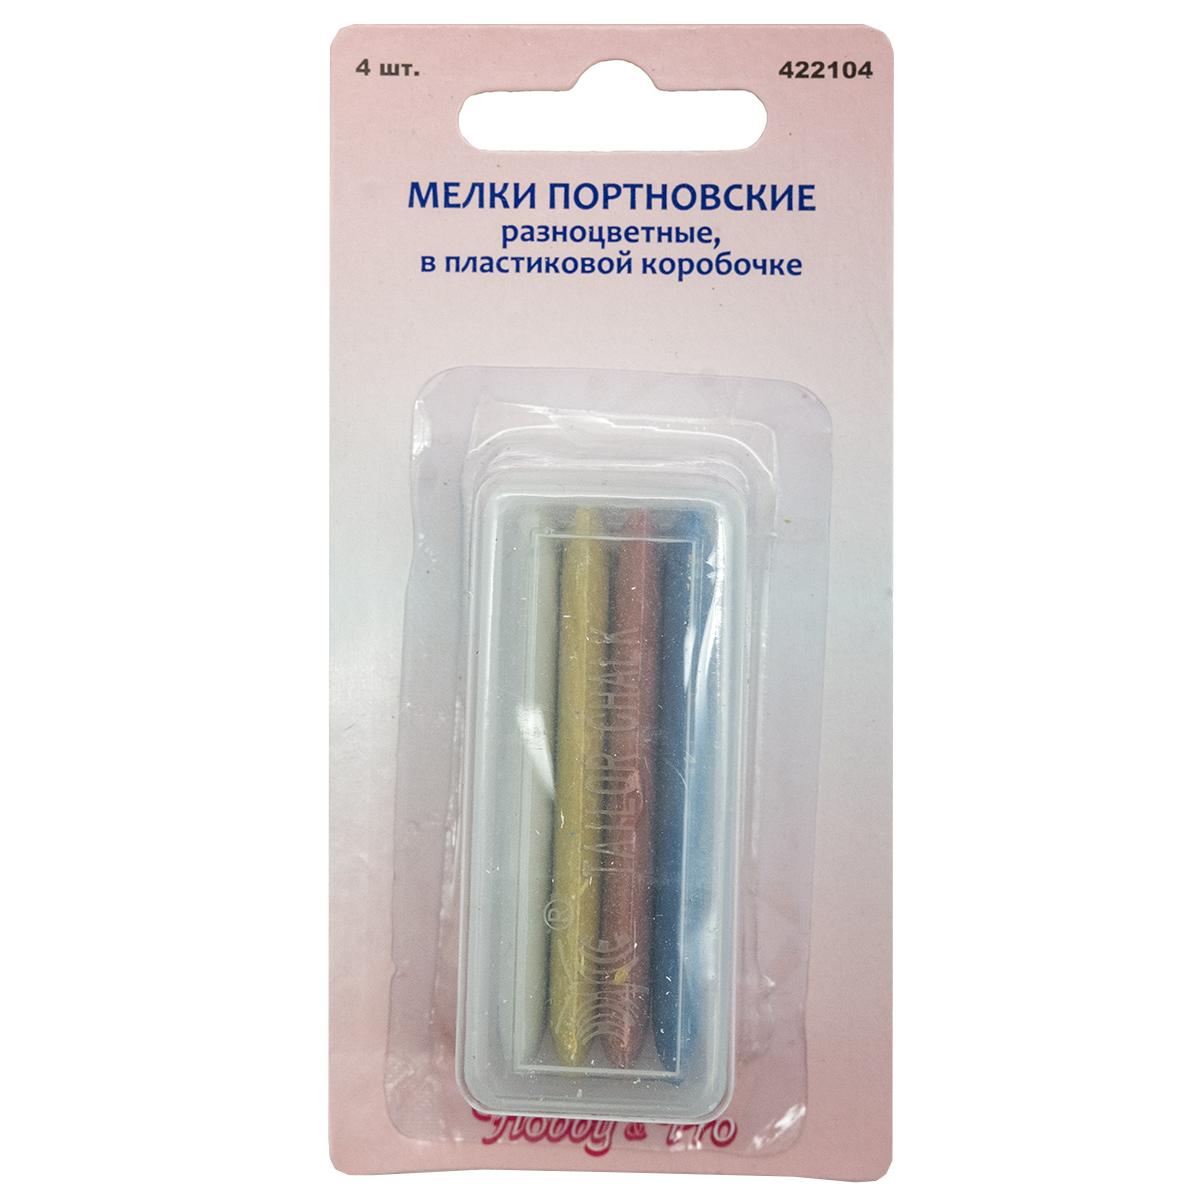 Мелки портновские разноцветн., 4 шт. 422104, Hobby&Pro